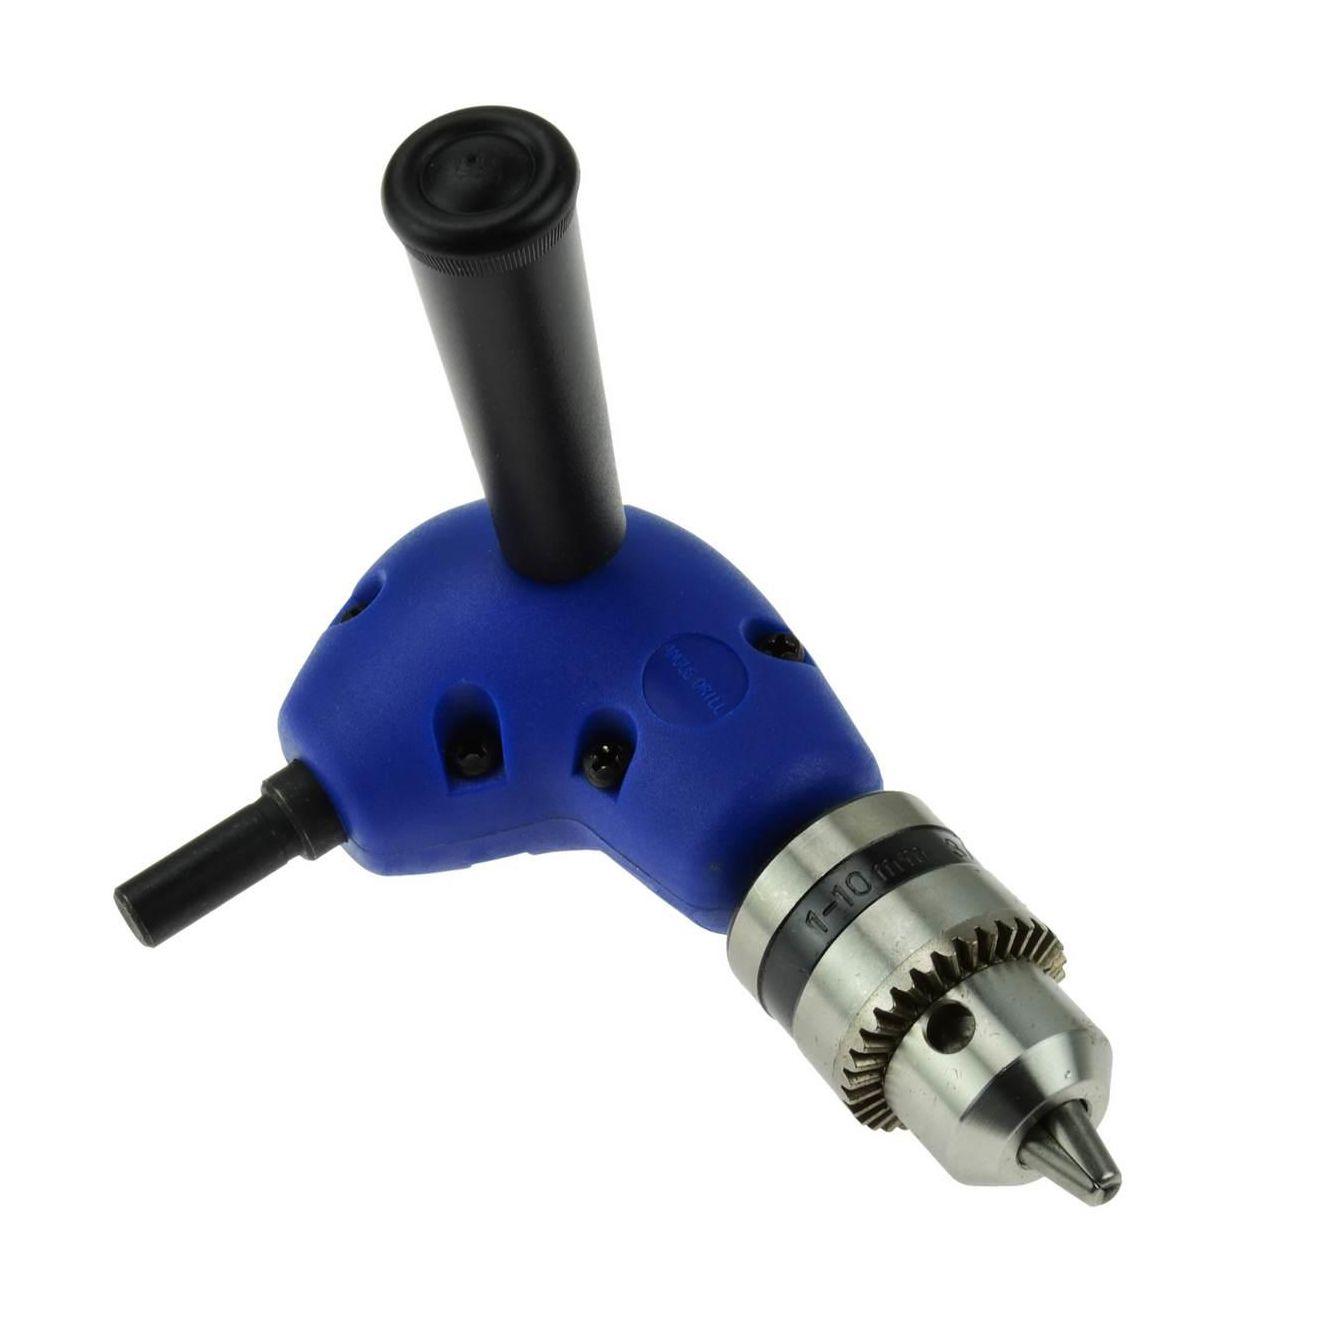 Przystawka kątowa do wiertarki, główka 1,5-10 mm GEKO1